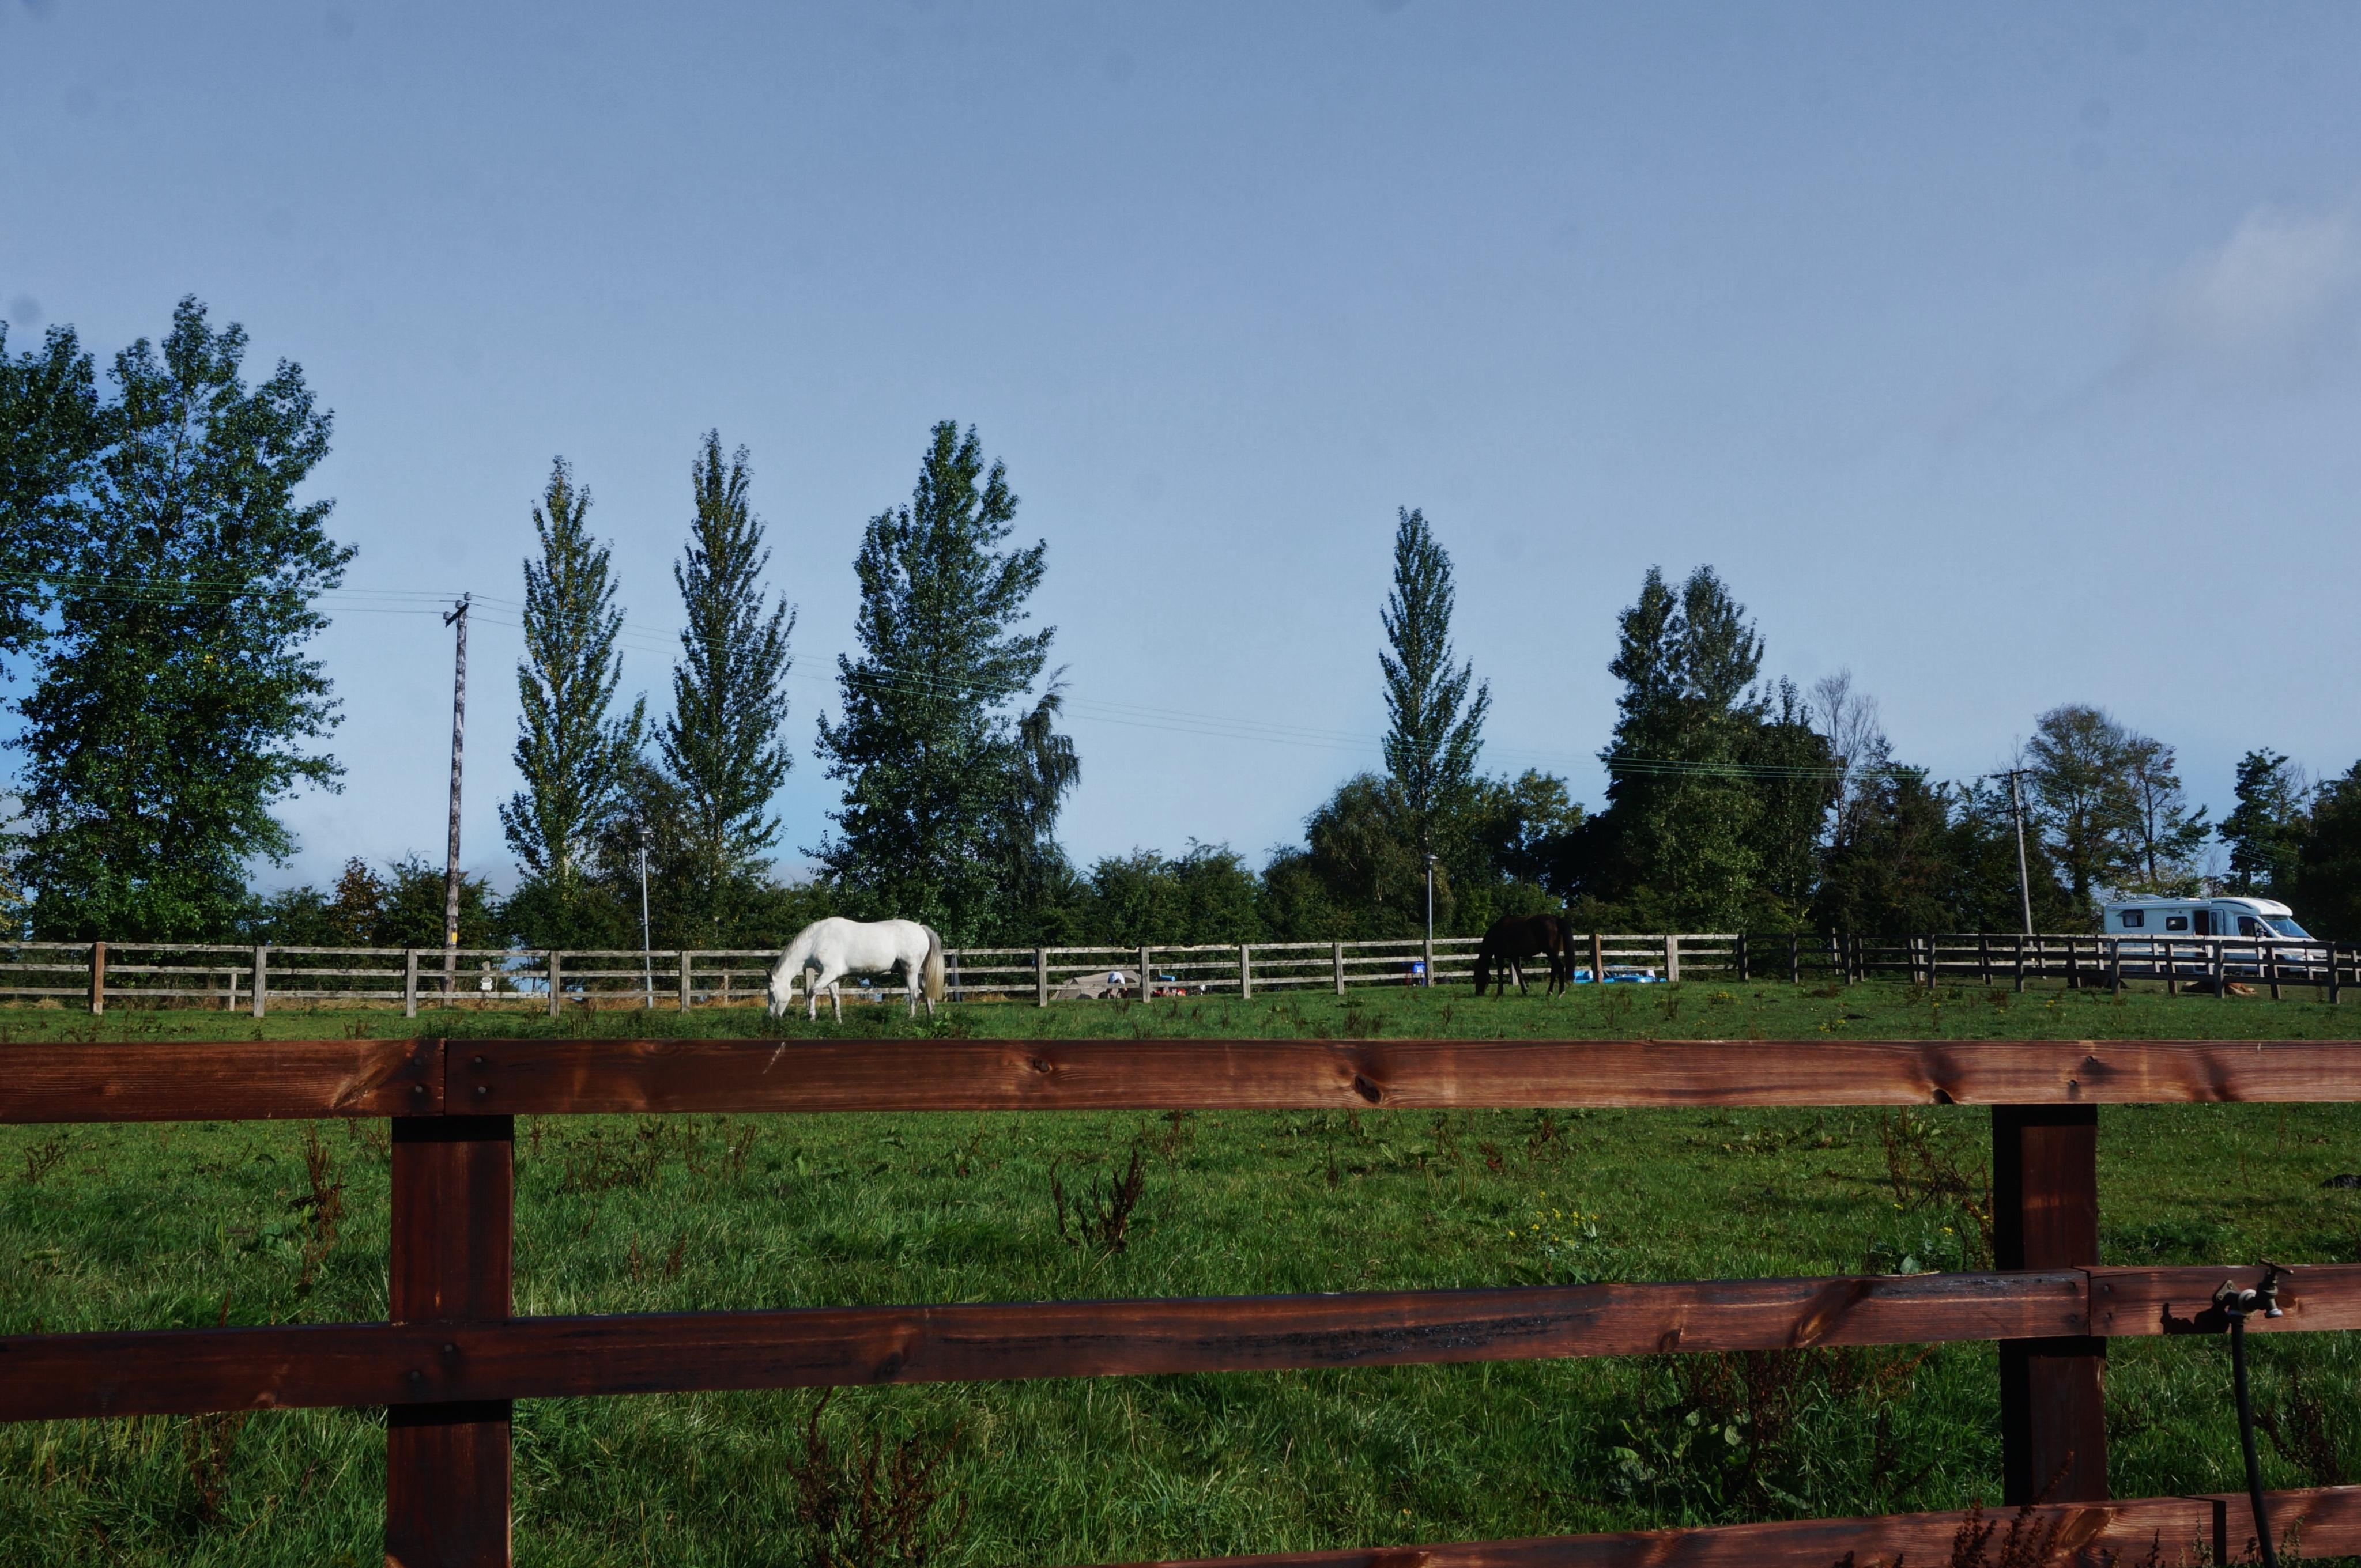 Campingplatz Irland, Pferdekoppel